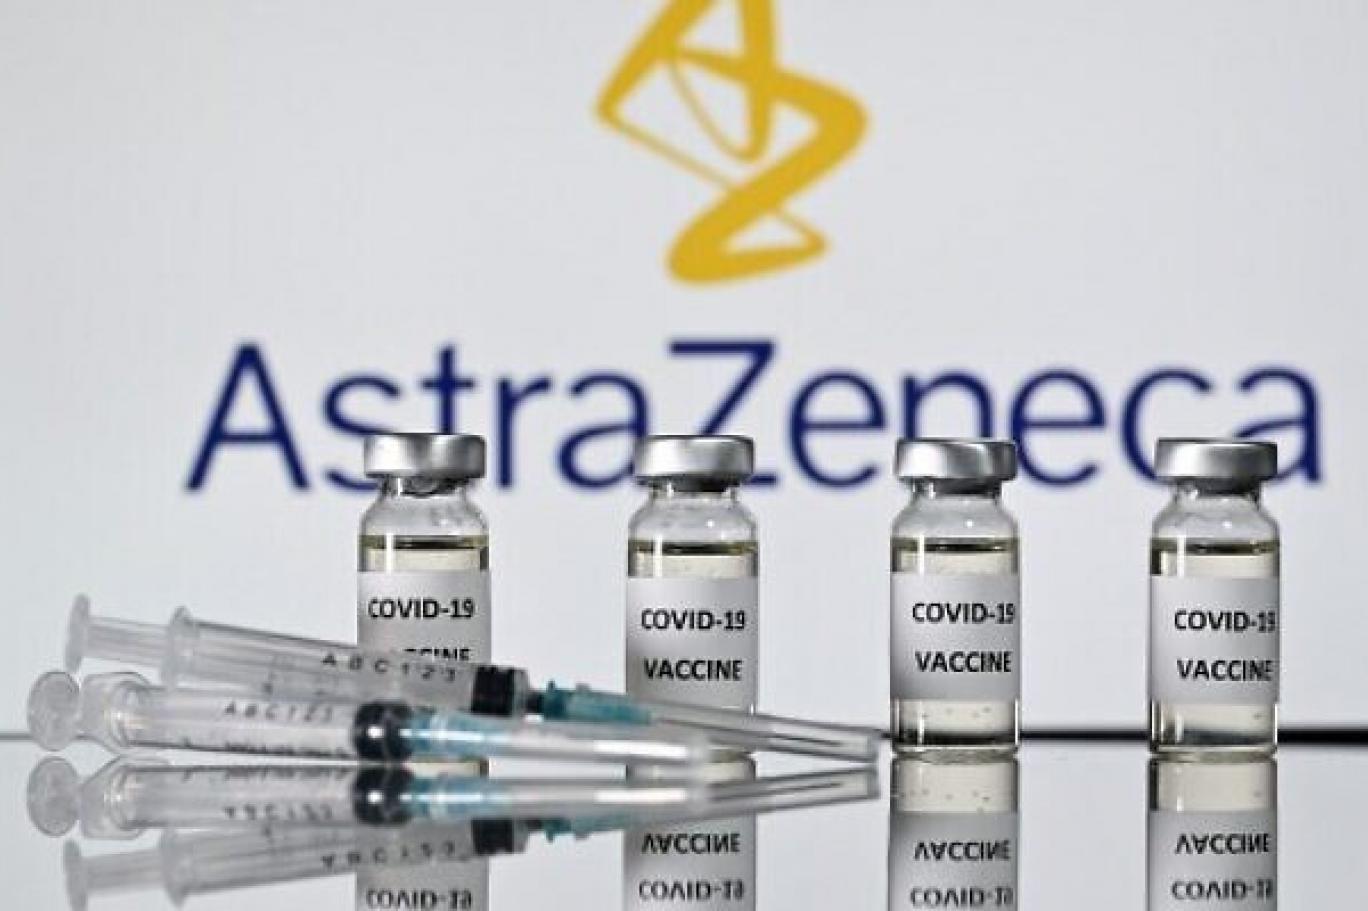 Koronavirüs aşısı geliştiren şirketten dünyayı şoke eden açıklama: Hata yaptık